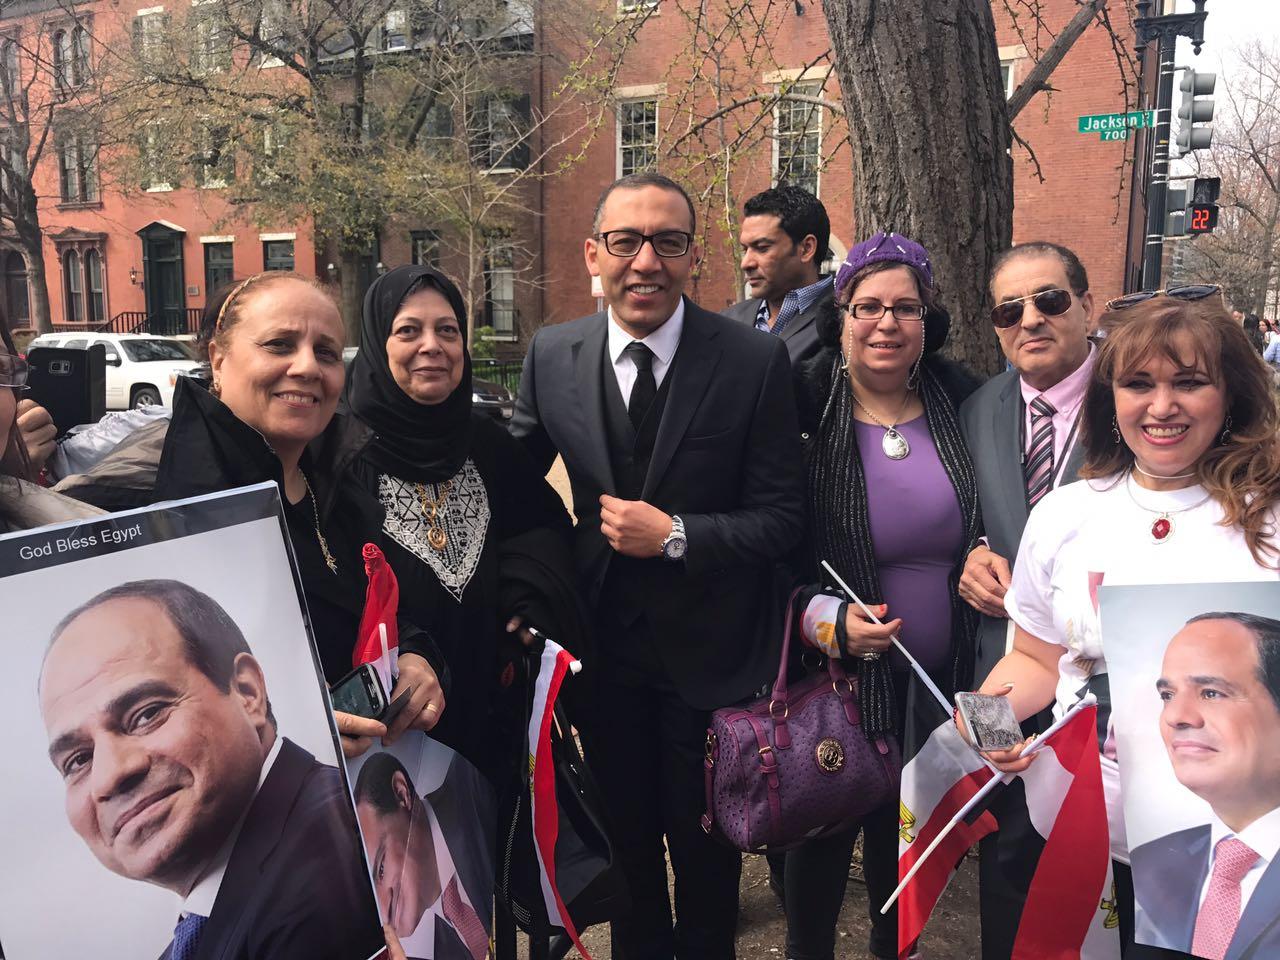 مشاركة الإعلاميين في وقفة المؤيدة للرئيس السيسي